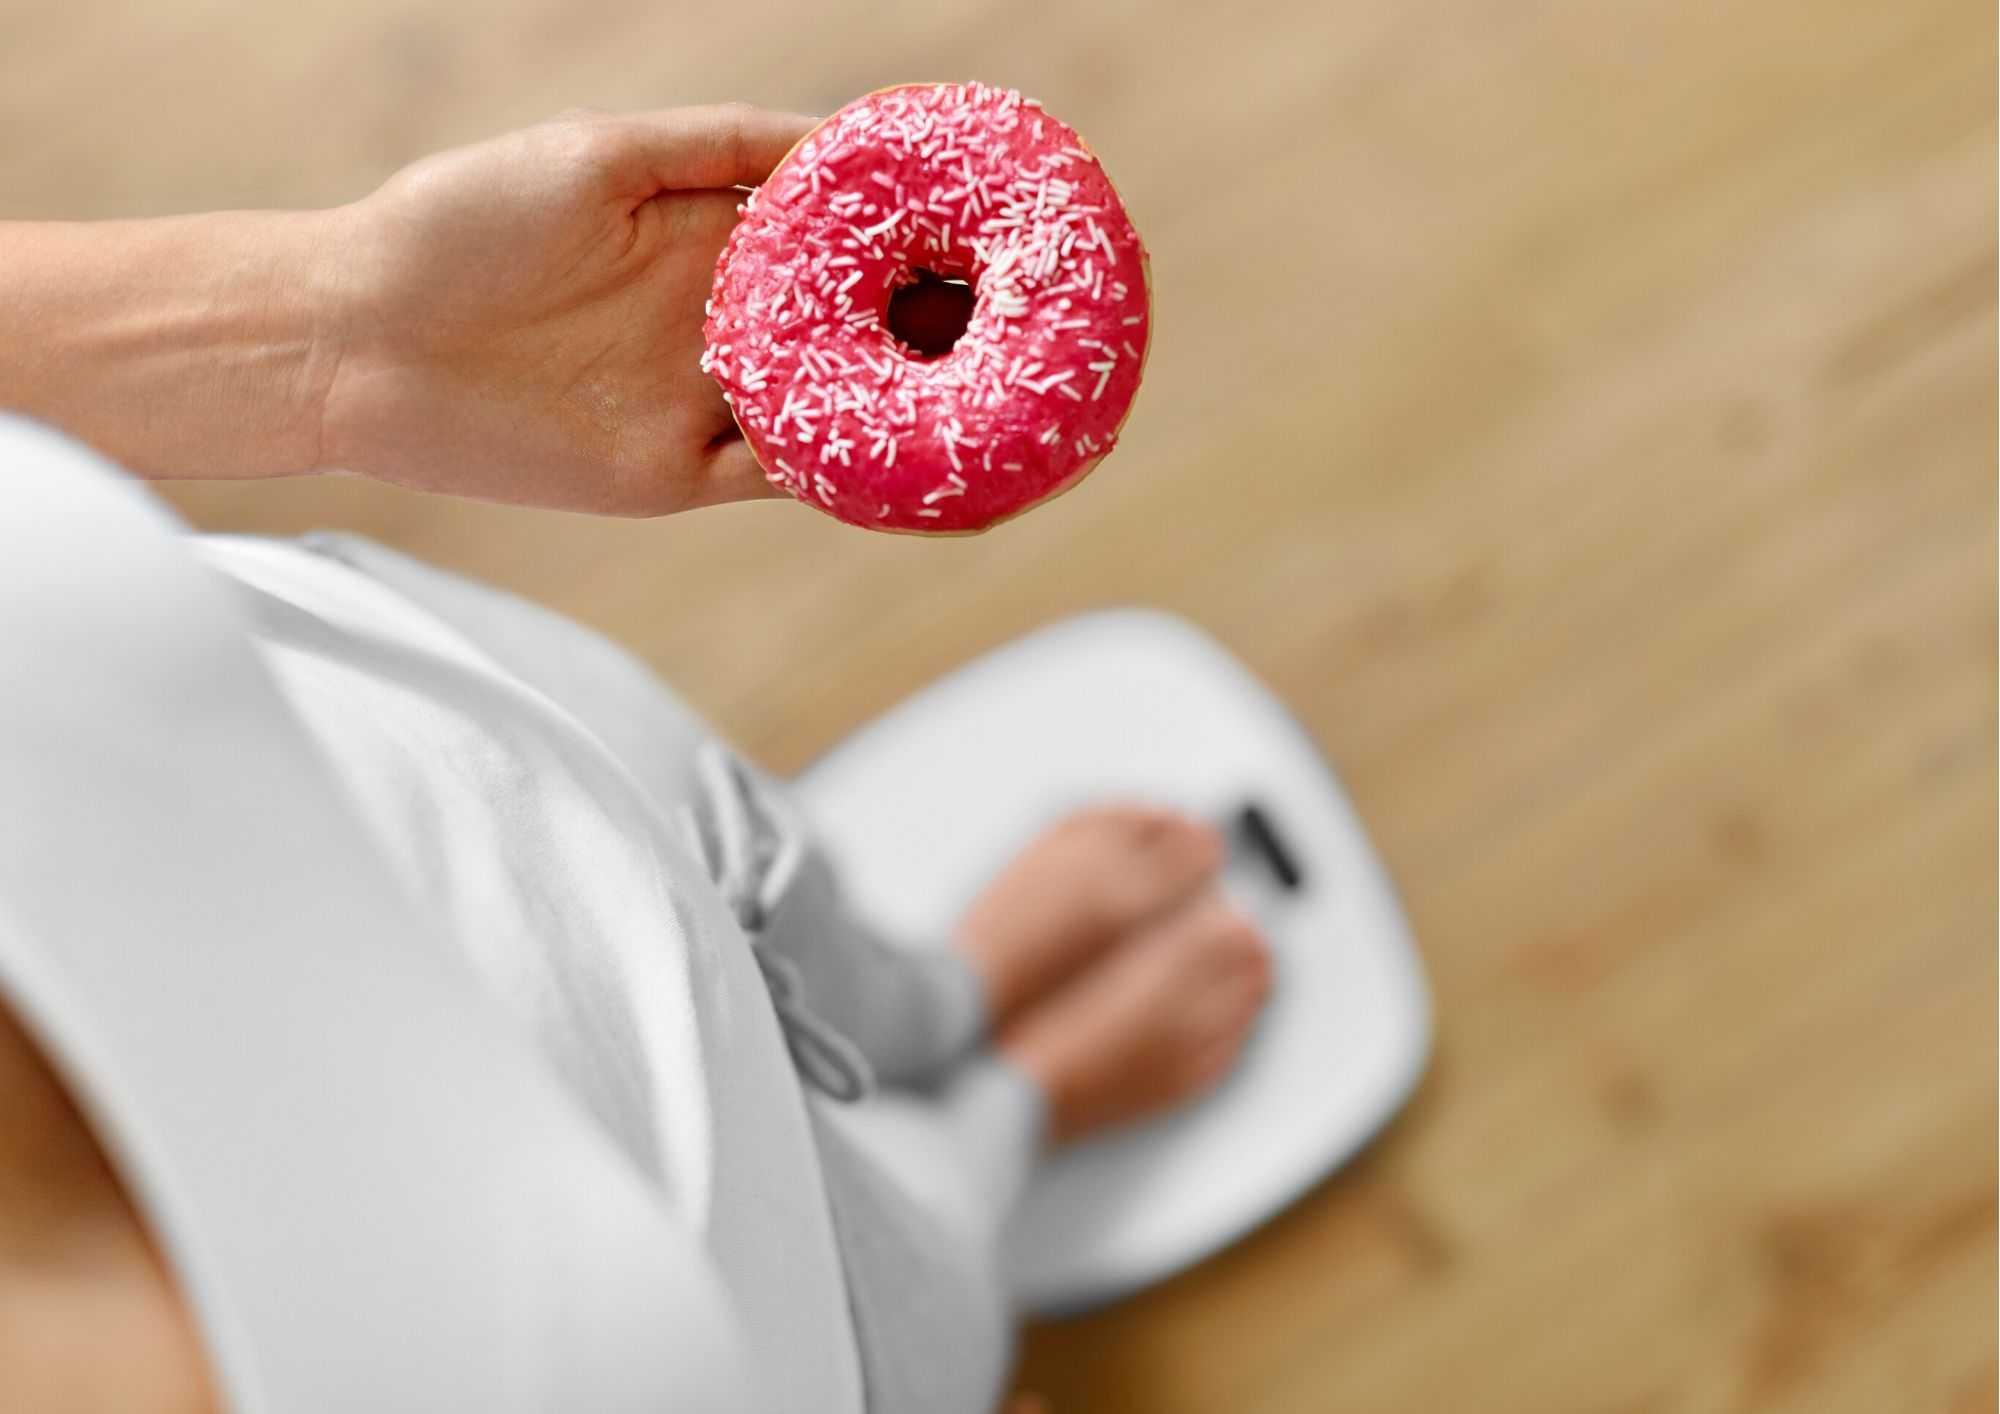 Как перестать есть сладкое и мучное навсегда: как пересилить себя и меньше хотеть кушать сладкое?